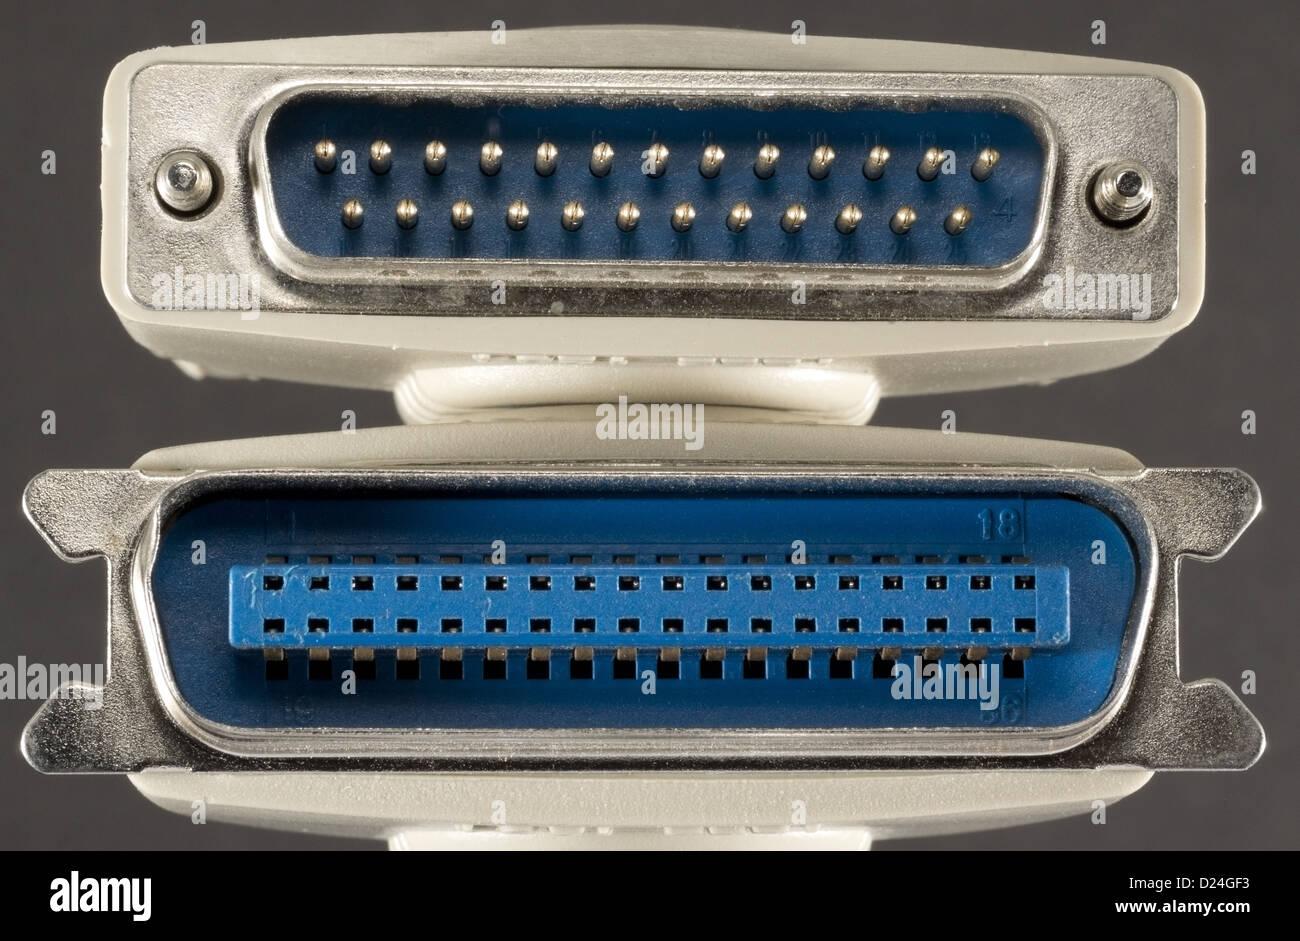 Ungewöhnlich Computer Kabelverbindungen Zeitgenössisch - Elektrische ...